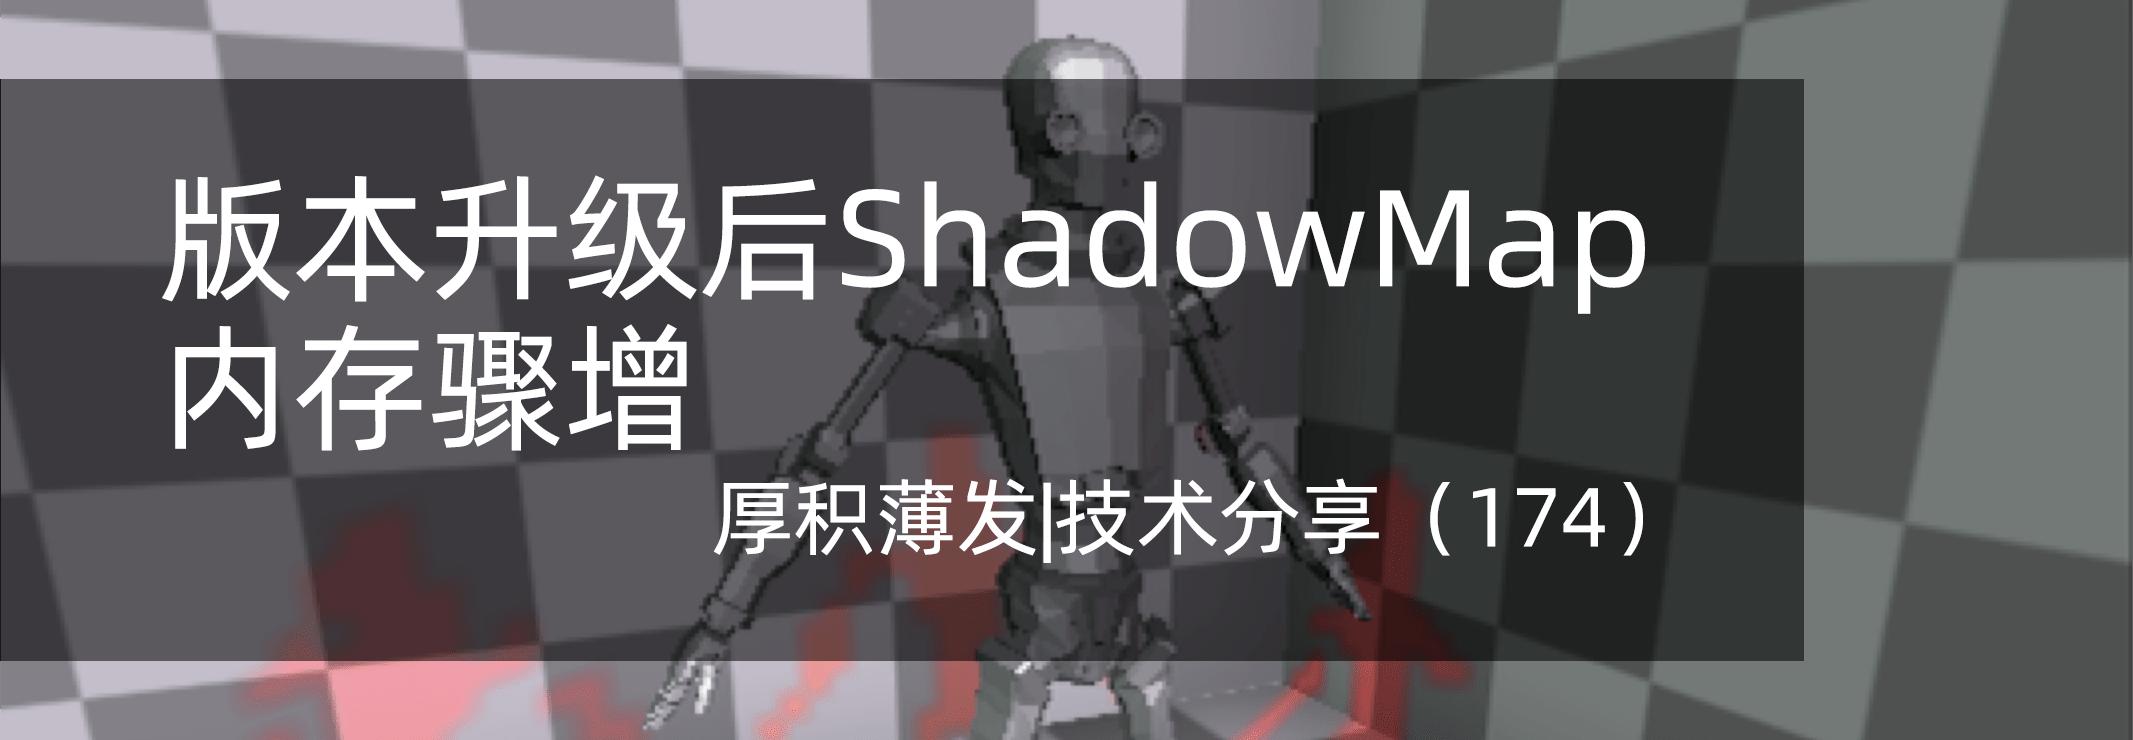 版本升级后ShadowMap内存骤增